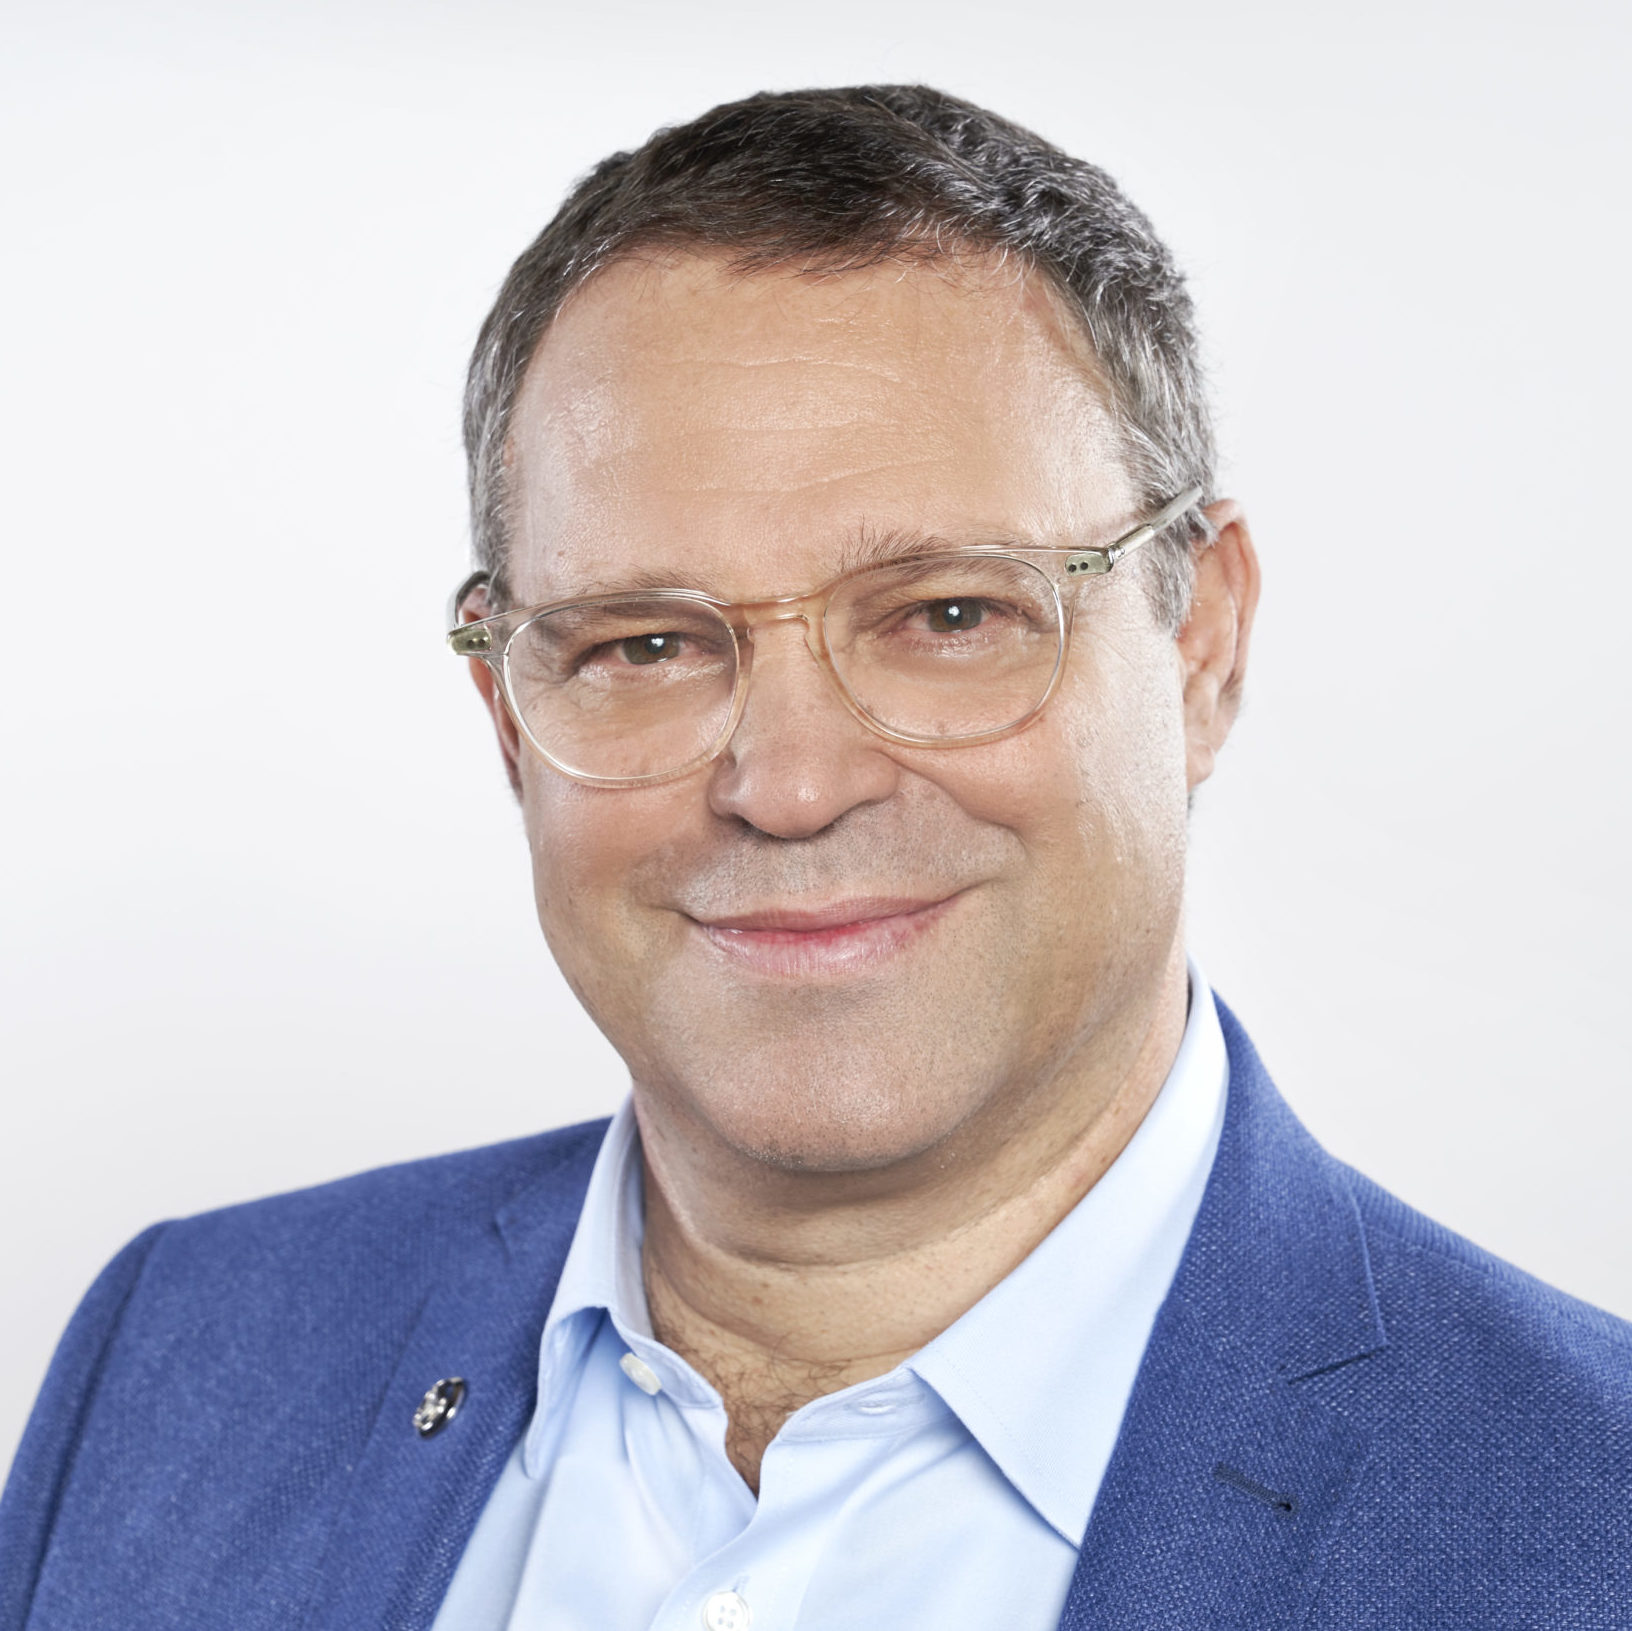 Edi Hienrich